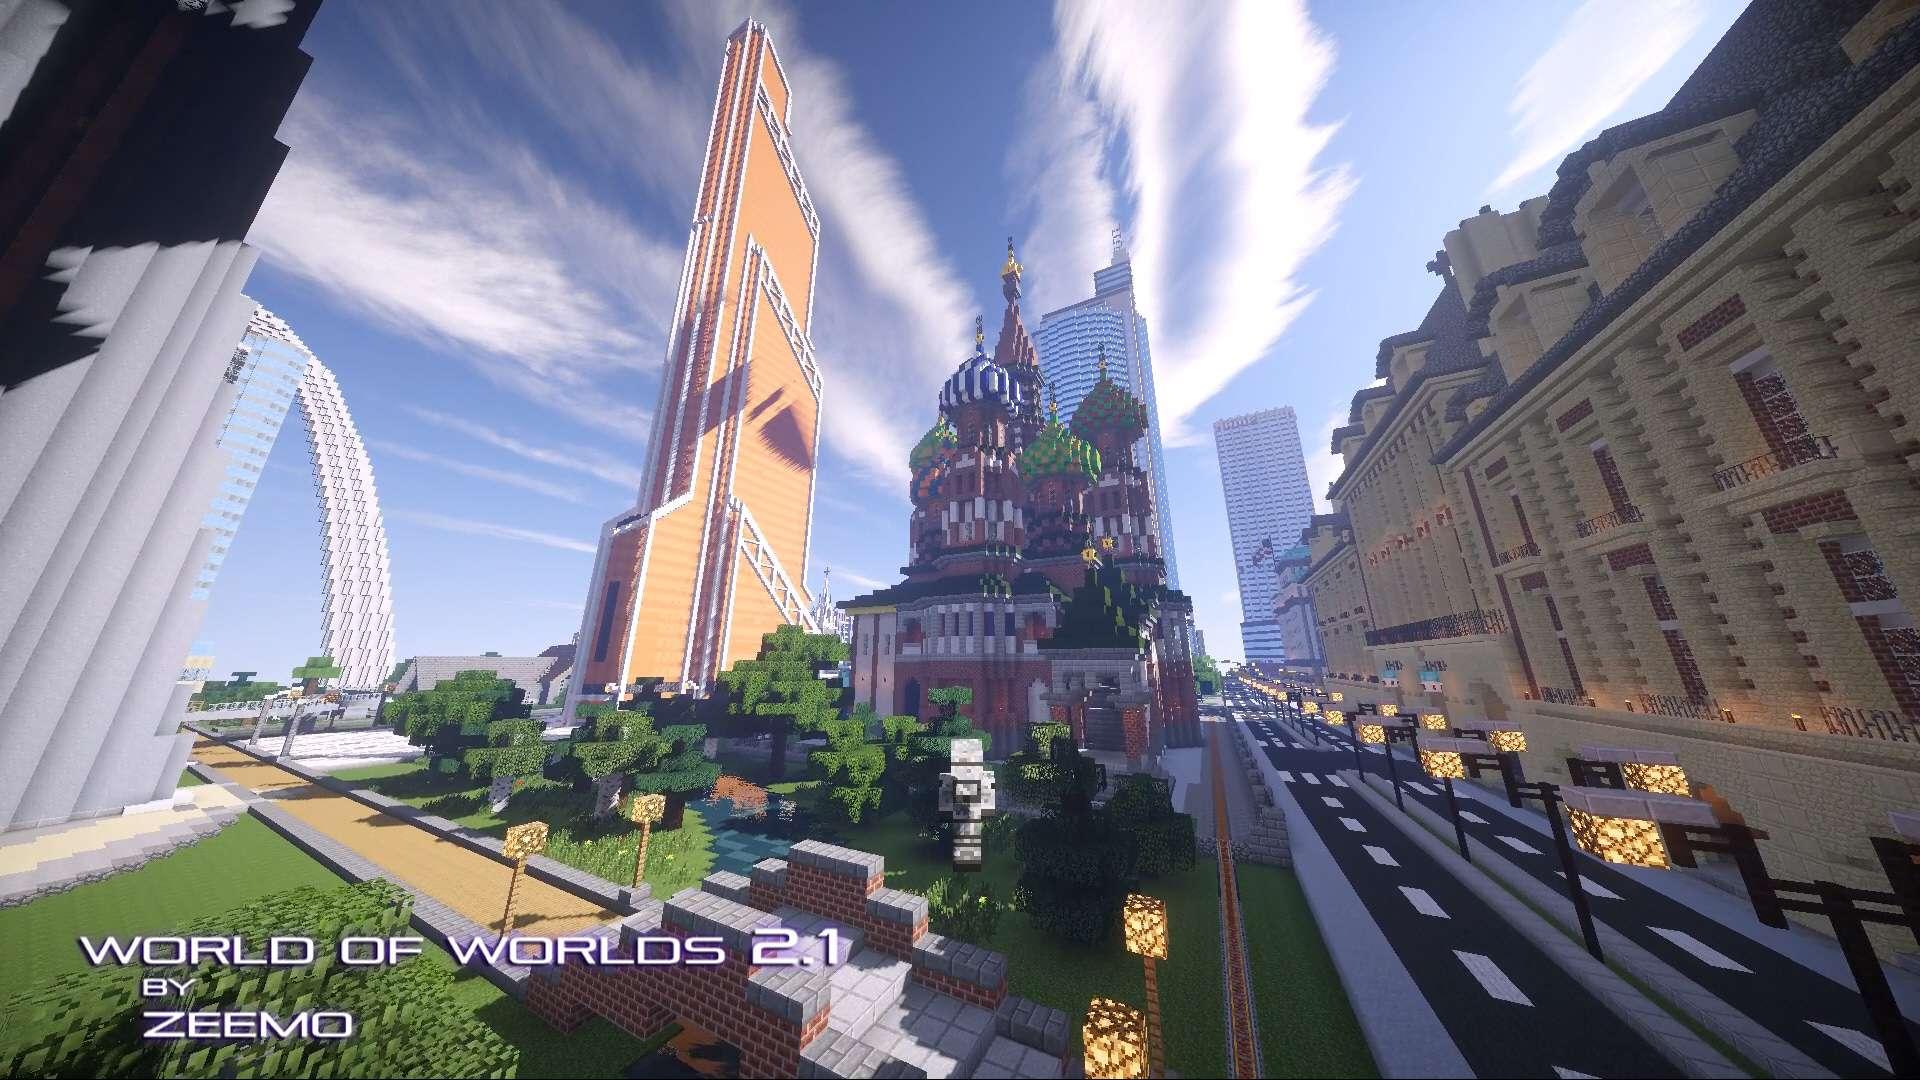 World of Worlds 2.1 update14